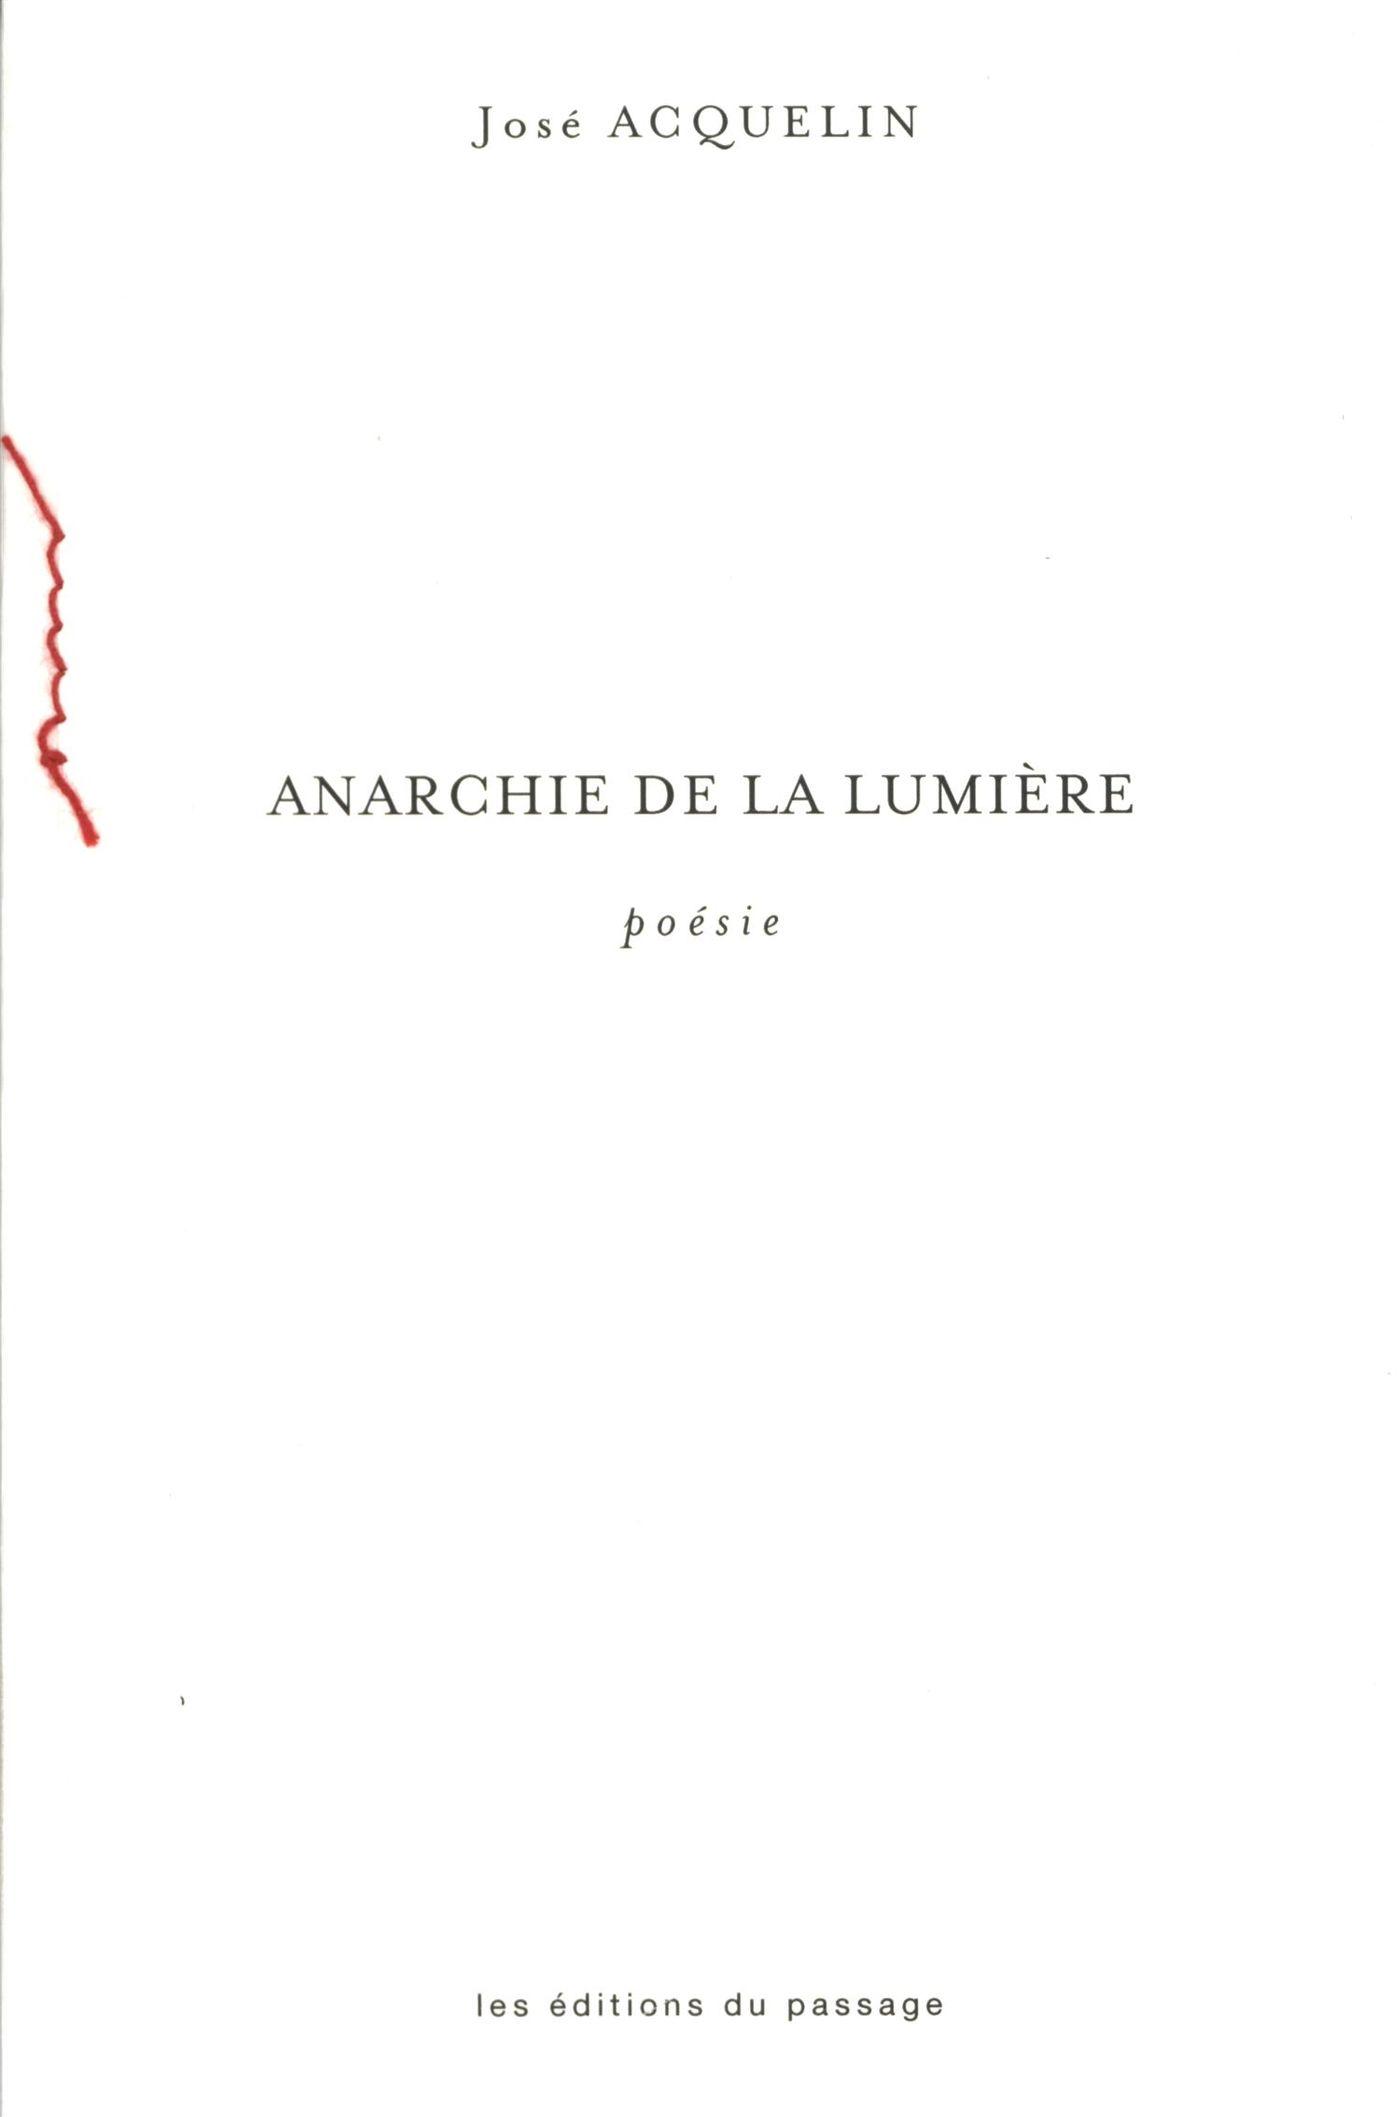 Anarchie de la lumière